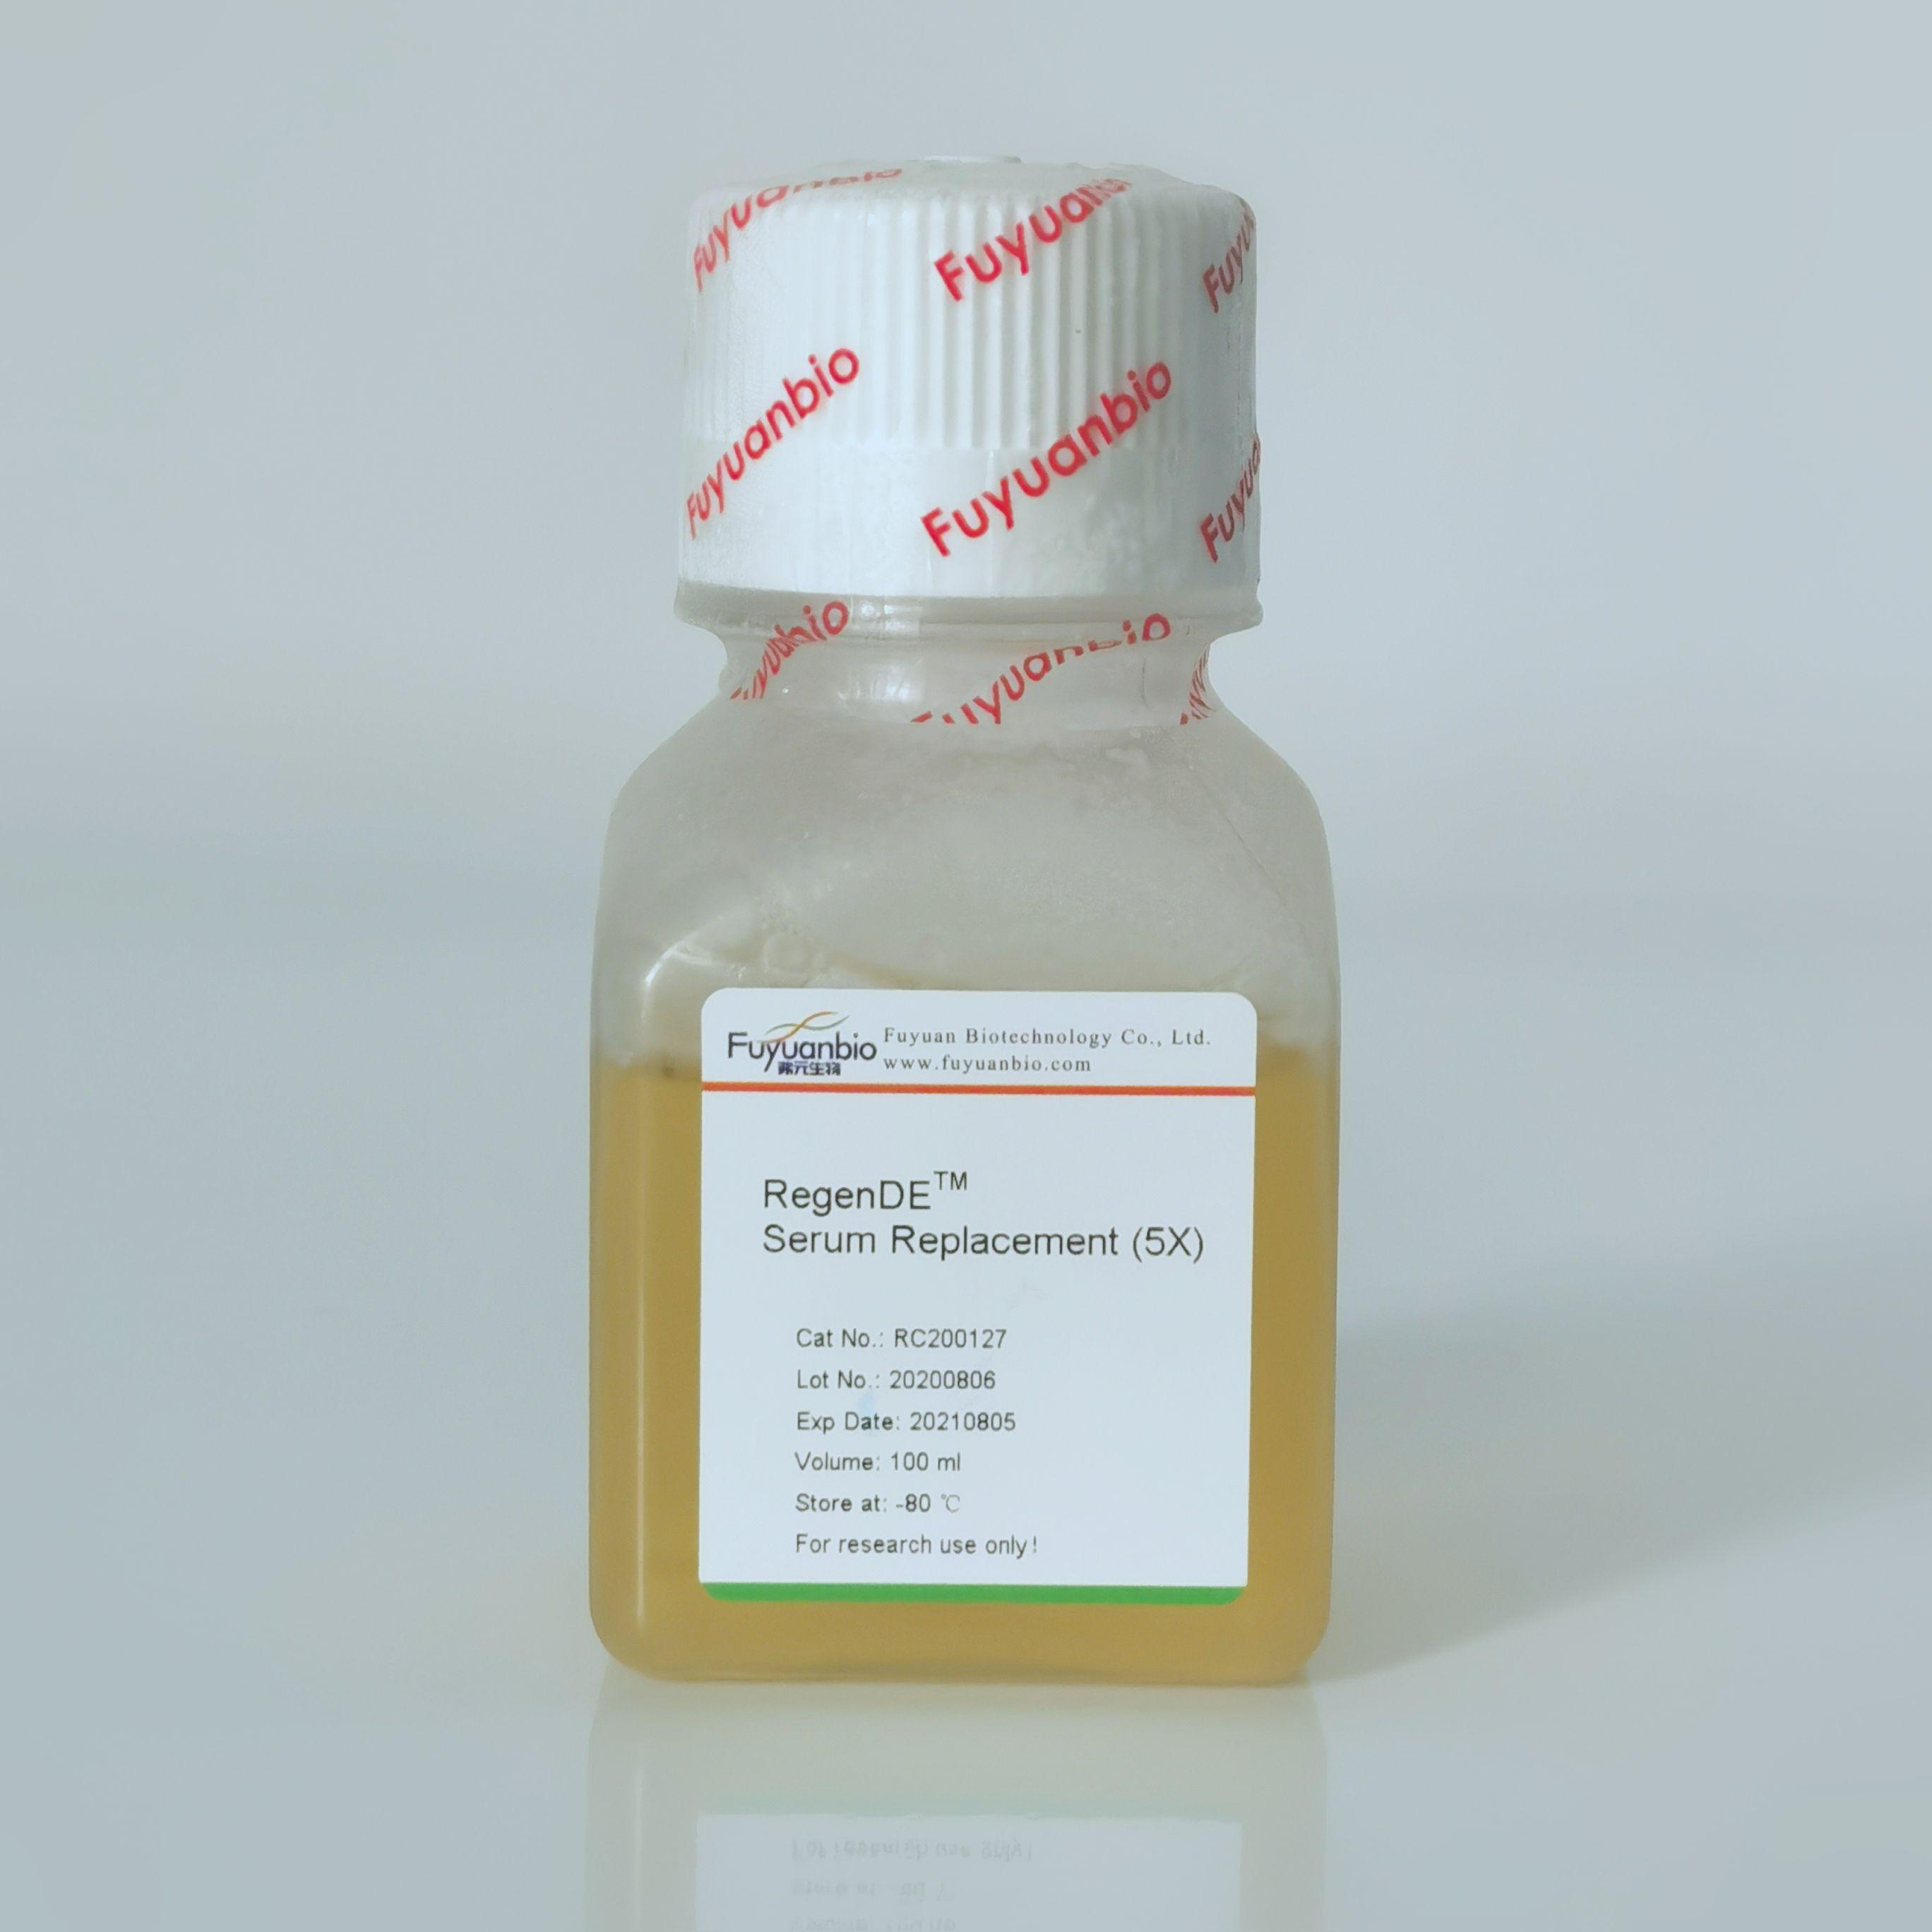 定型内胚层分化血清替代品